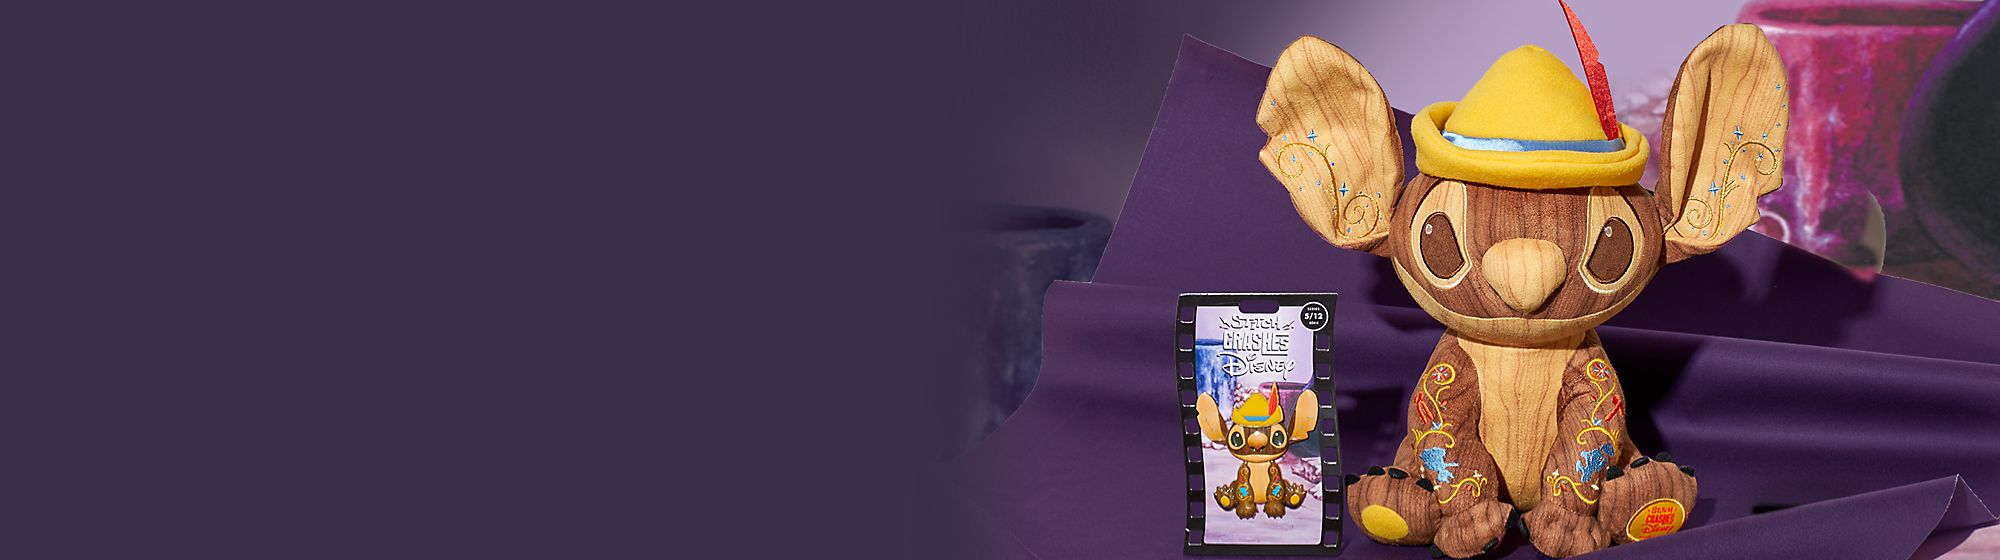 Stitch Crashes Pinocchio Colleziona questa edizione limitata di pin e peluche, serie 5 di 12  A partire dal 18 maggio 2021